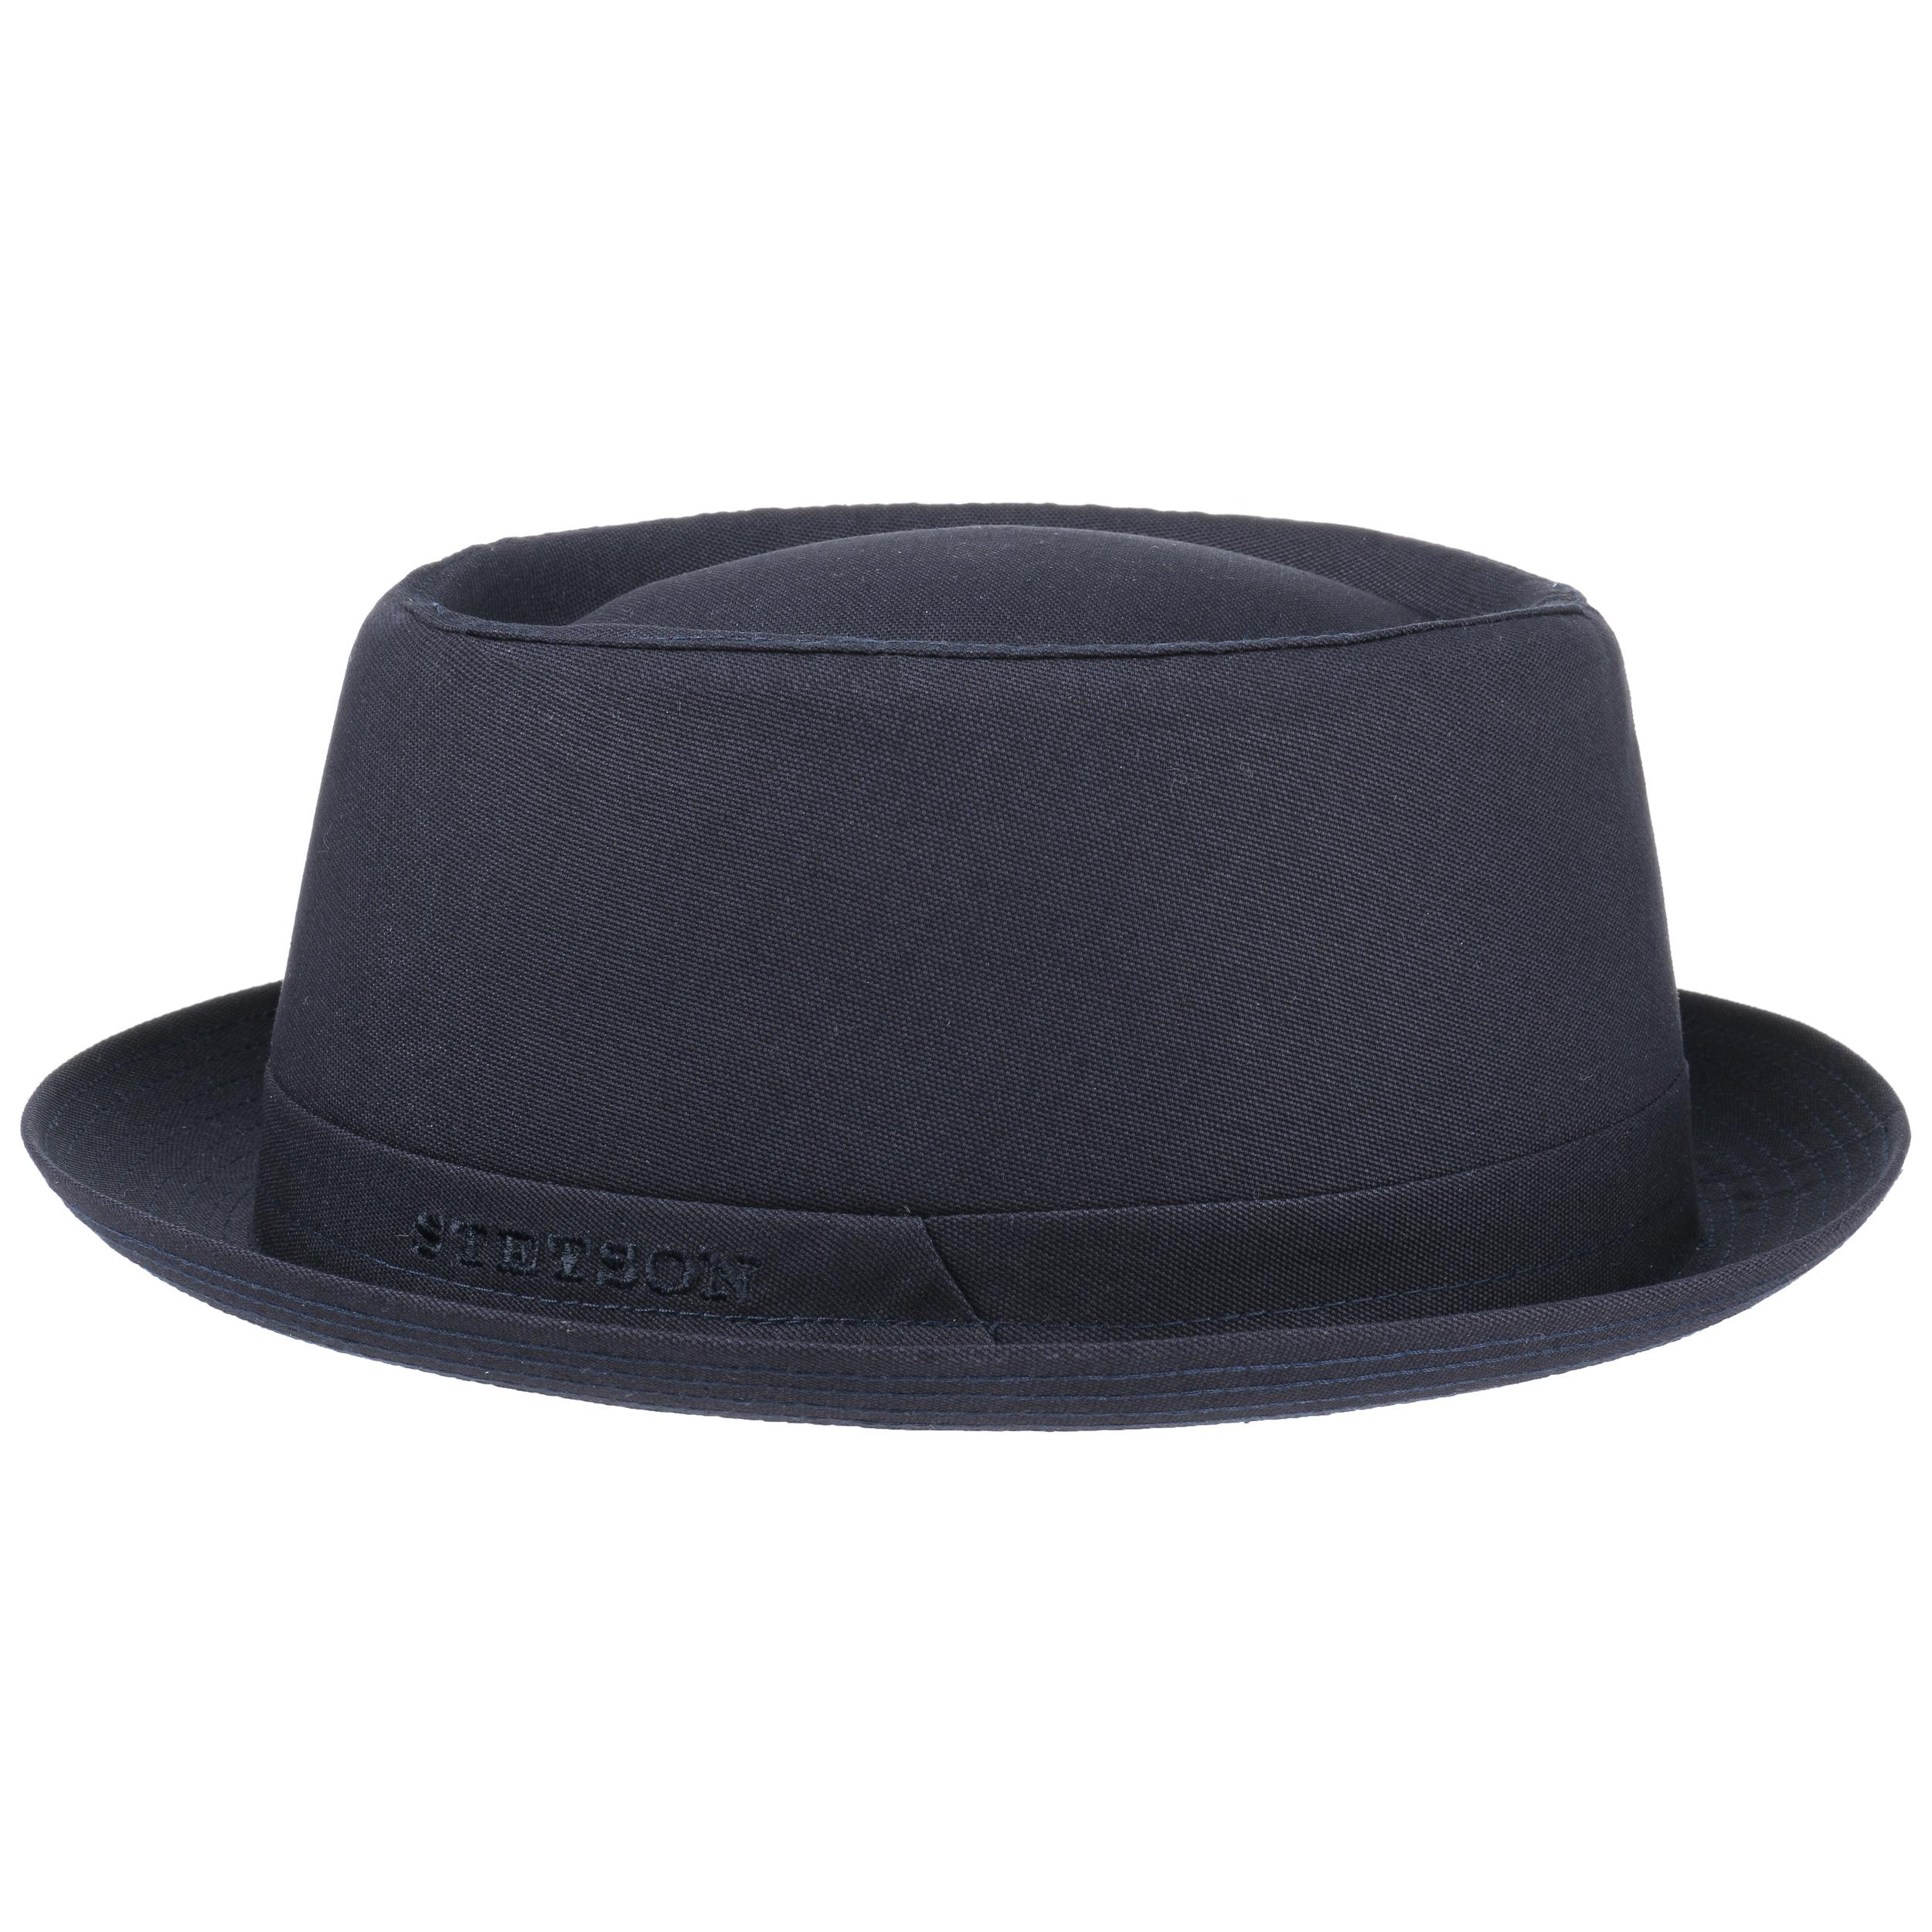 Sombrero Pork Pie Athens Cotton by Stetson - Sombreros - sombreroshop.es 443f9428f42